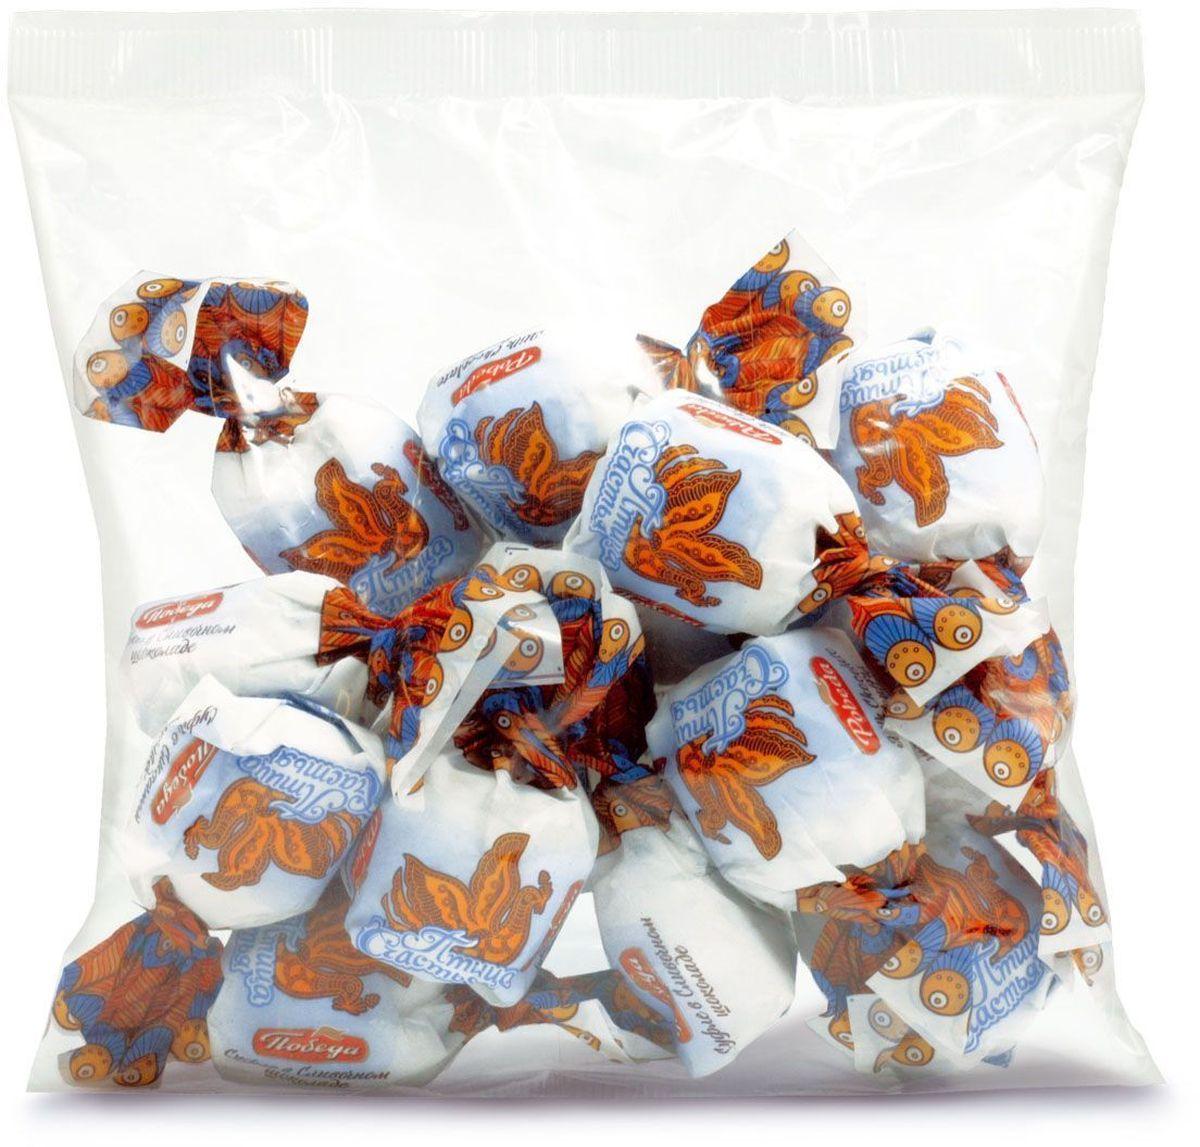 """Победа вкуса """"Птица счастья"""" конфеты суфле в сливочном шоколаде, 200 г 5941"""